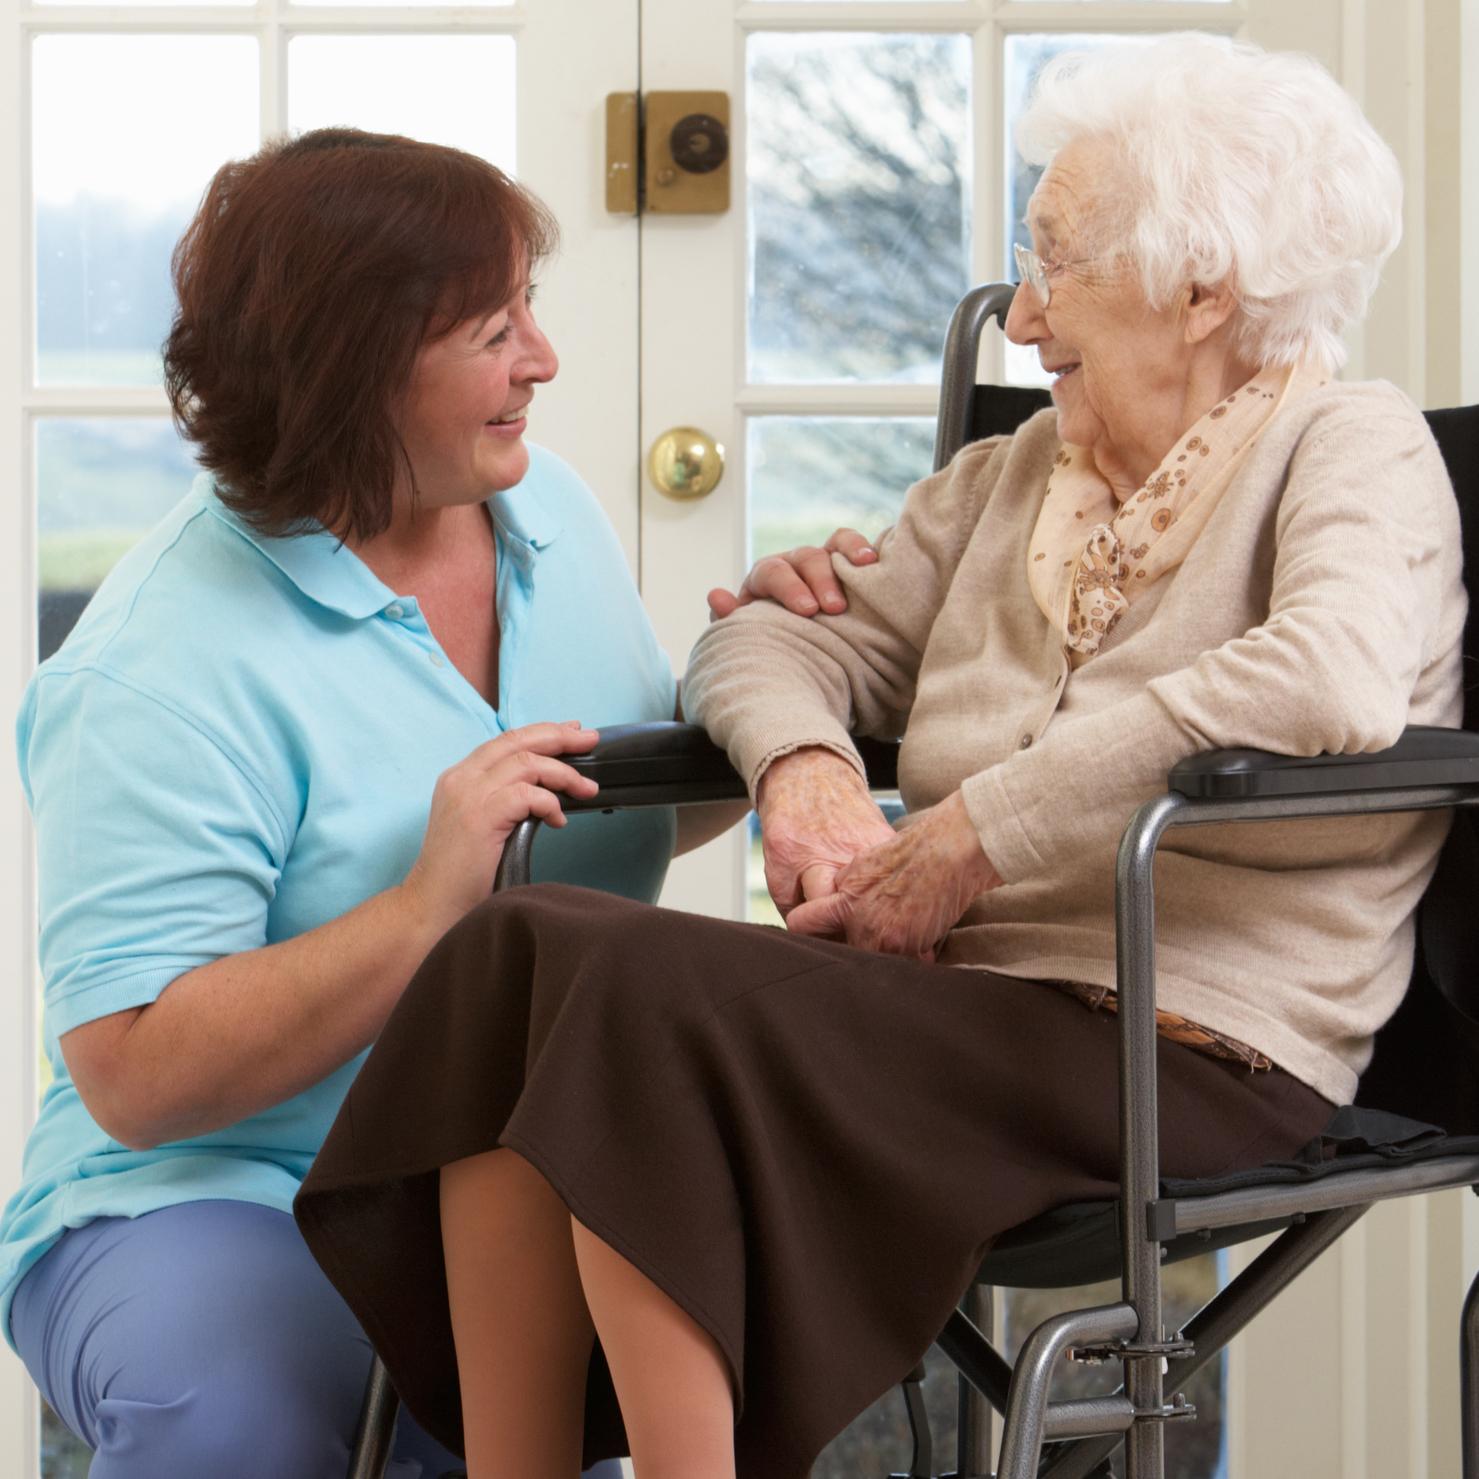 Elderly woman in wheelchair speaking with caregiver